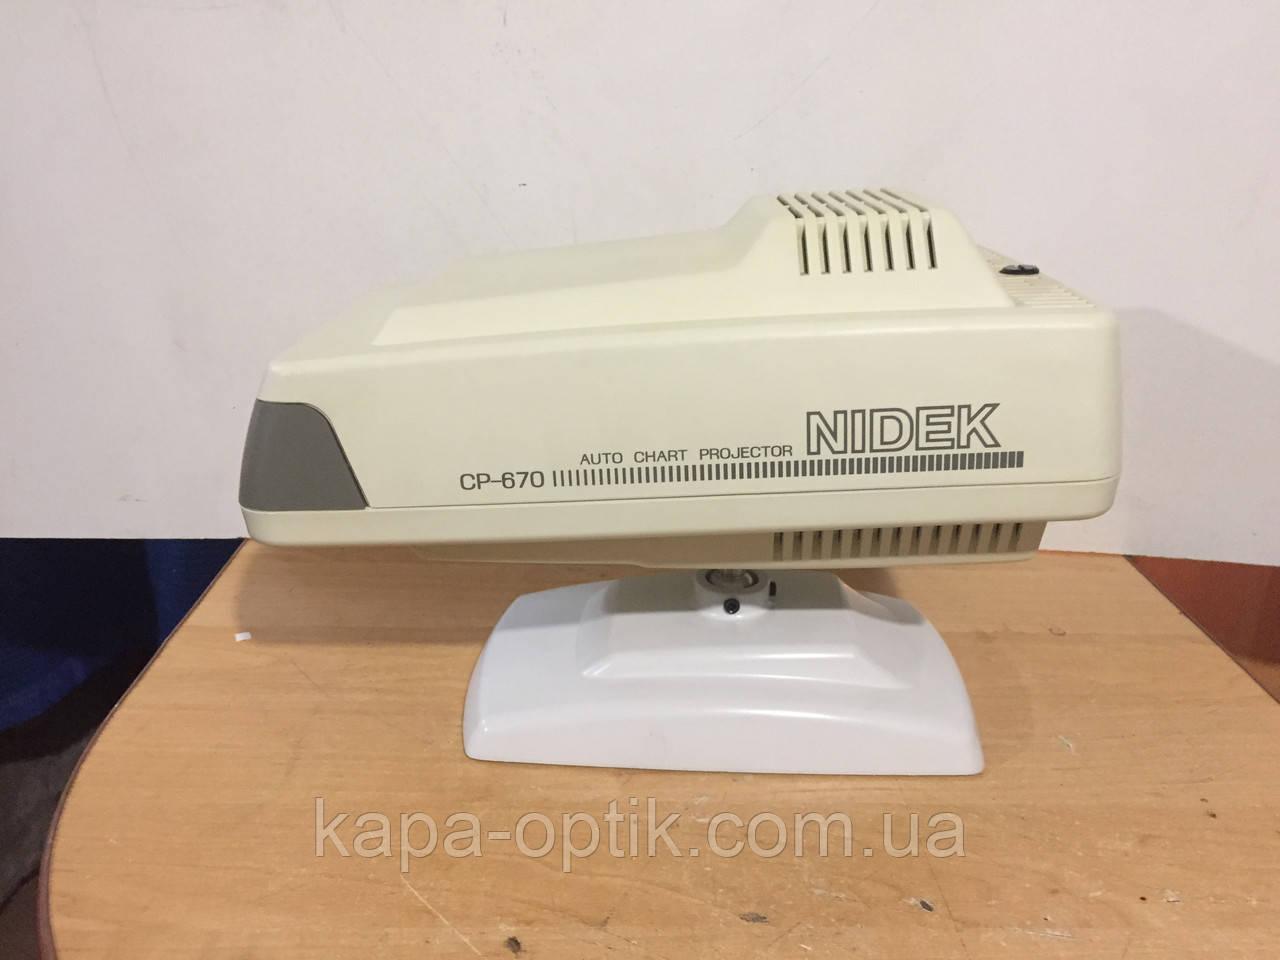 Проектор знаков Nidek CP-670